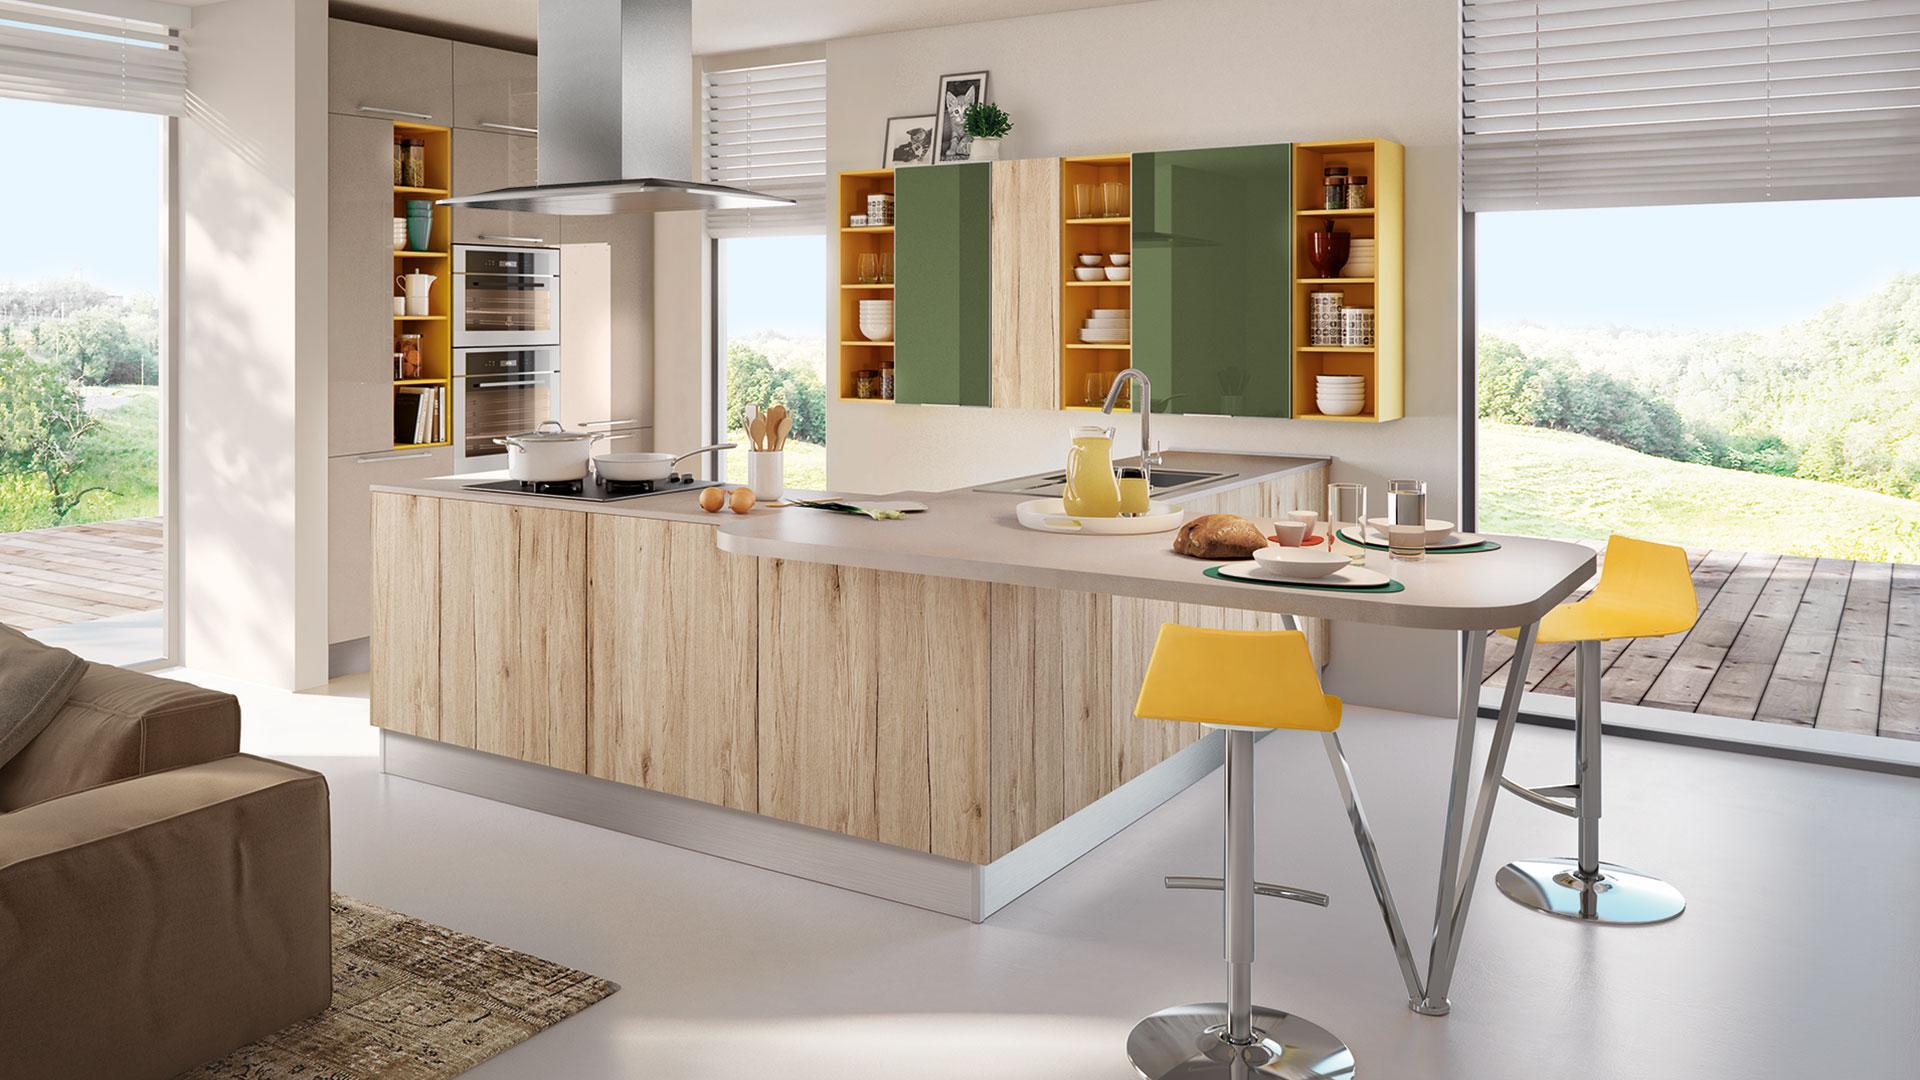 Le cucine bicolore, la nuova tendenza per la casa - Lube ...